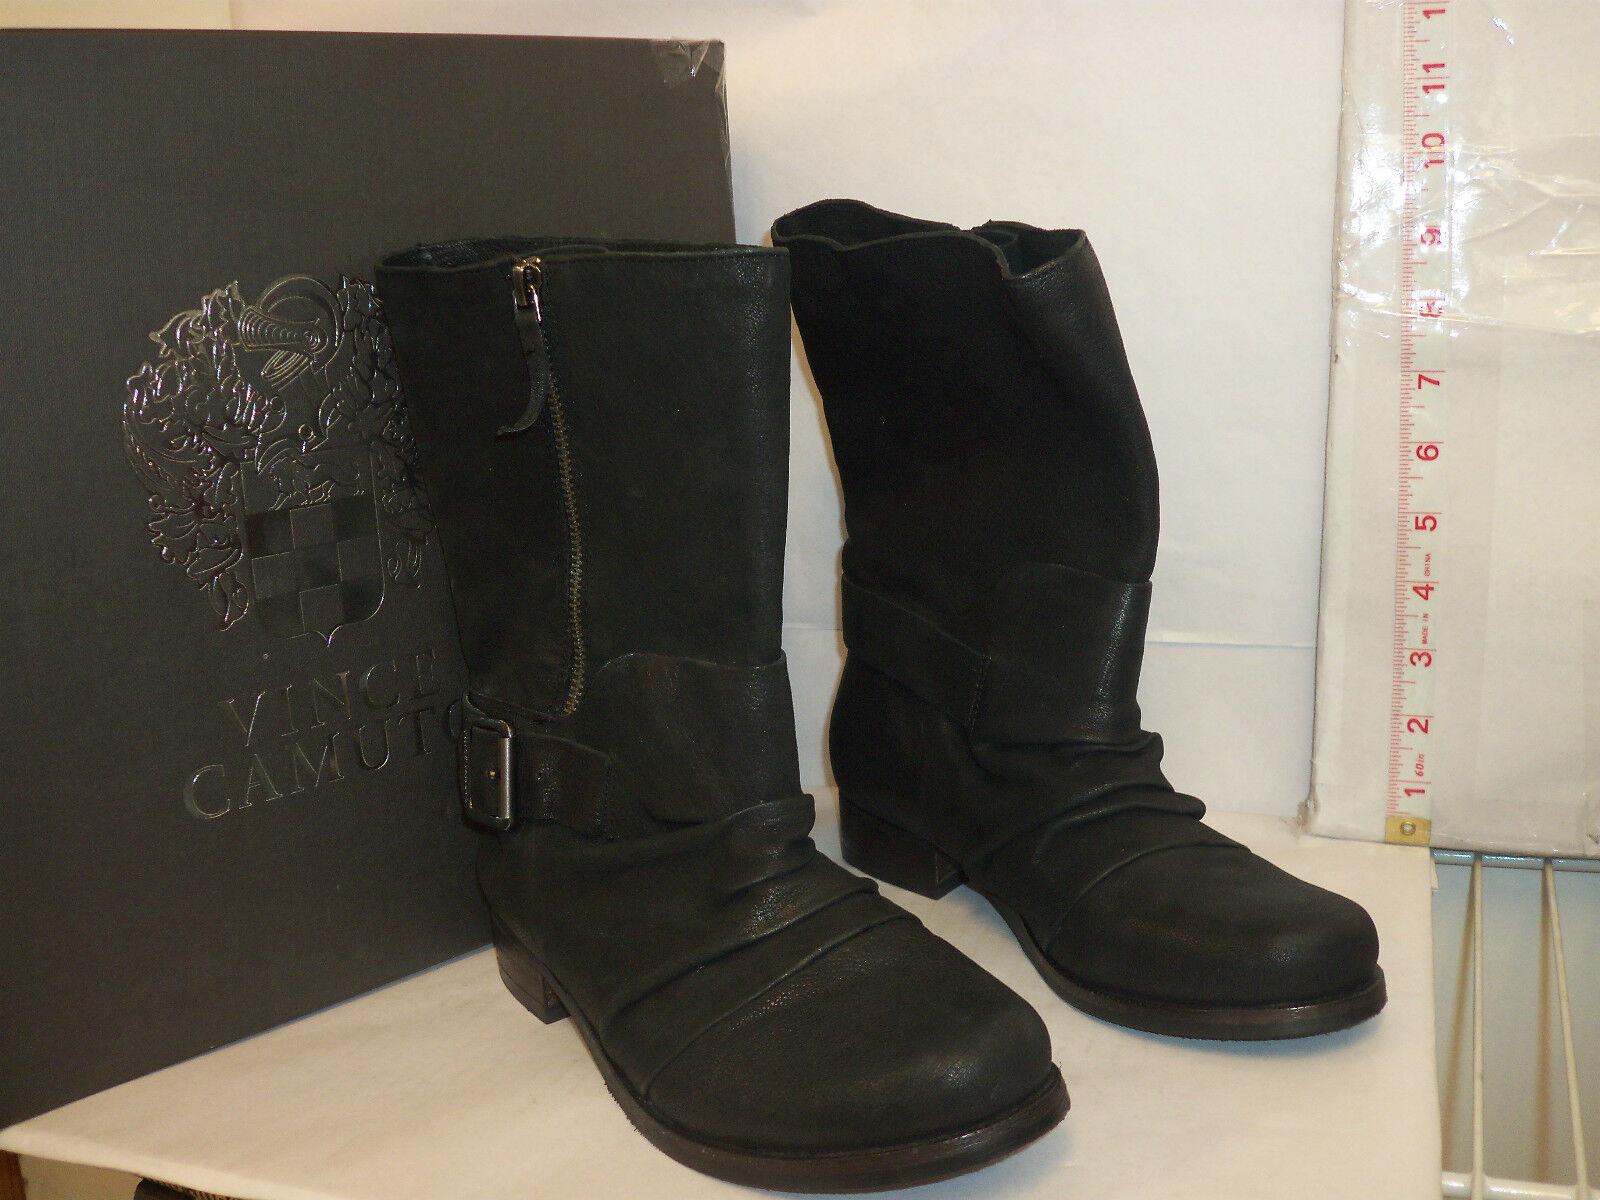 Vince Camuto nuevo para mujer Shada Negro Zapatos botas de cabra de seda de 6 M